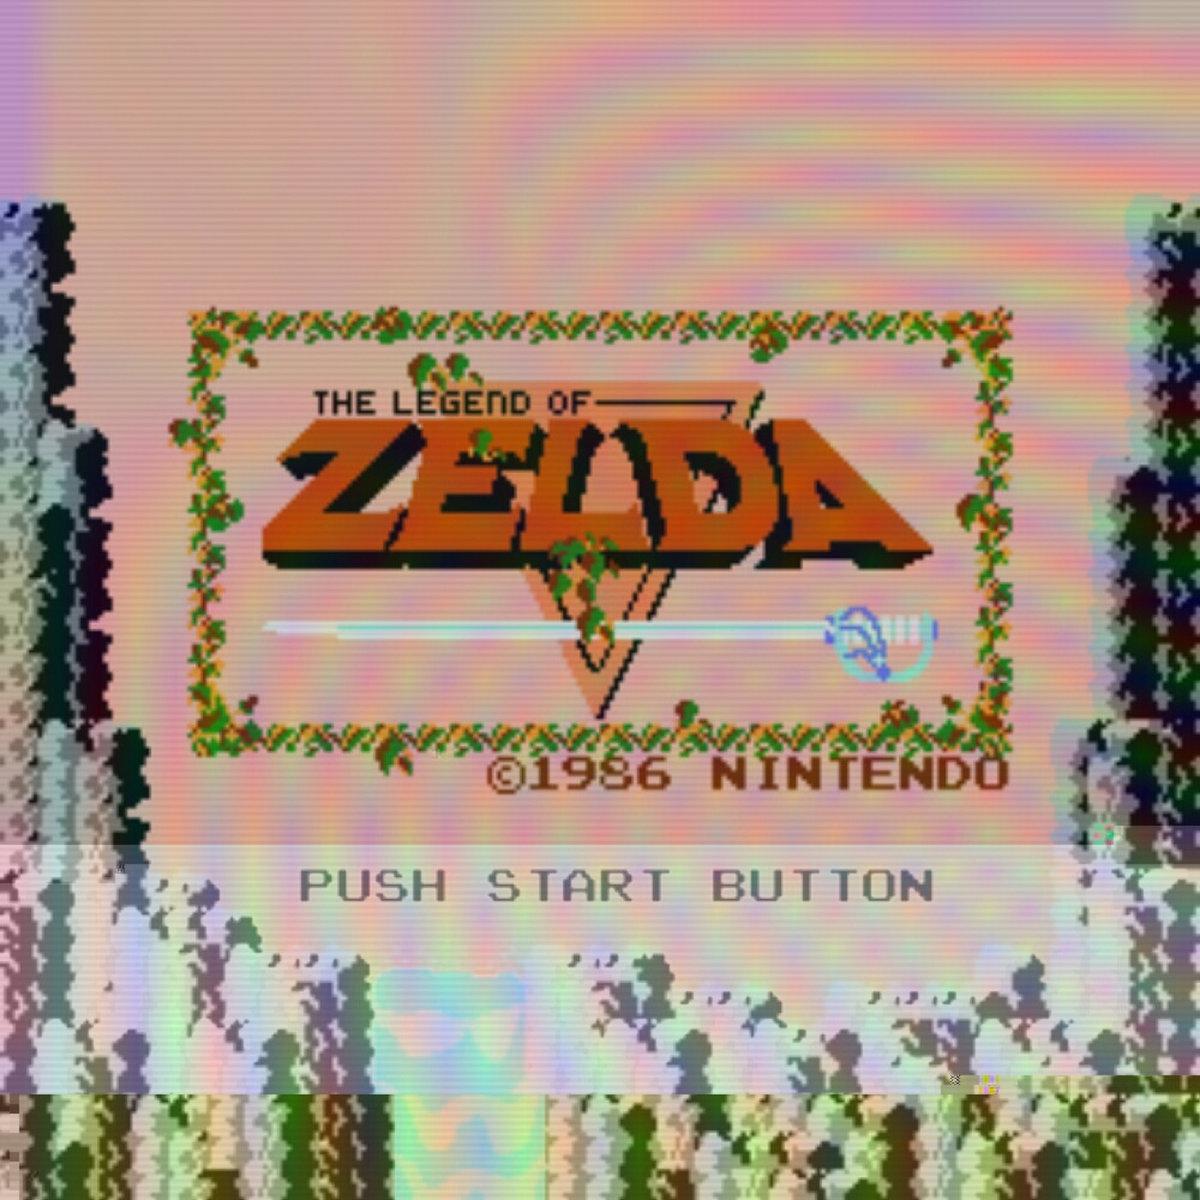 The Hyrule Fantasy (LEGEND OF ZELDA TRAP REMIX) (FREE